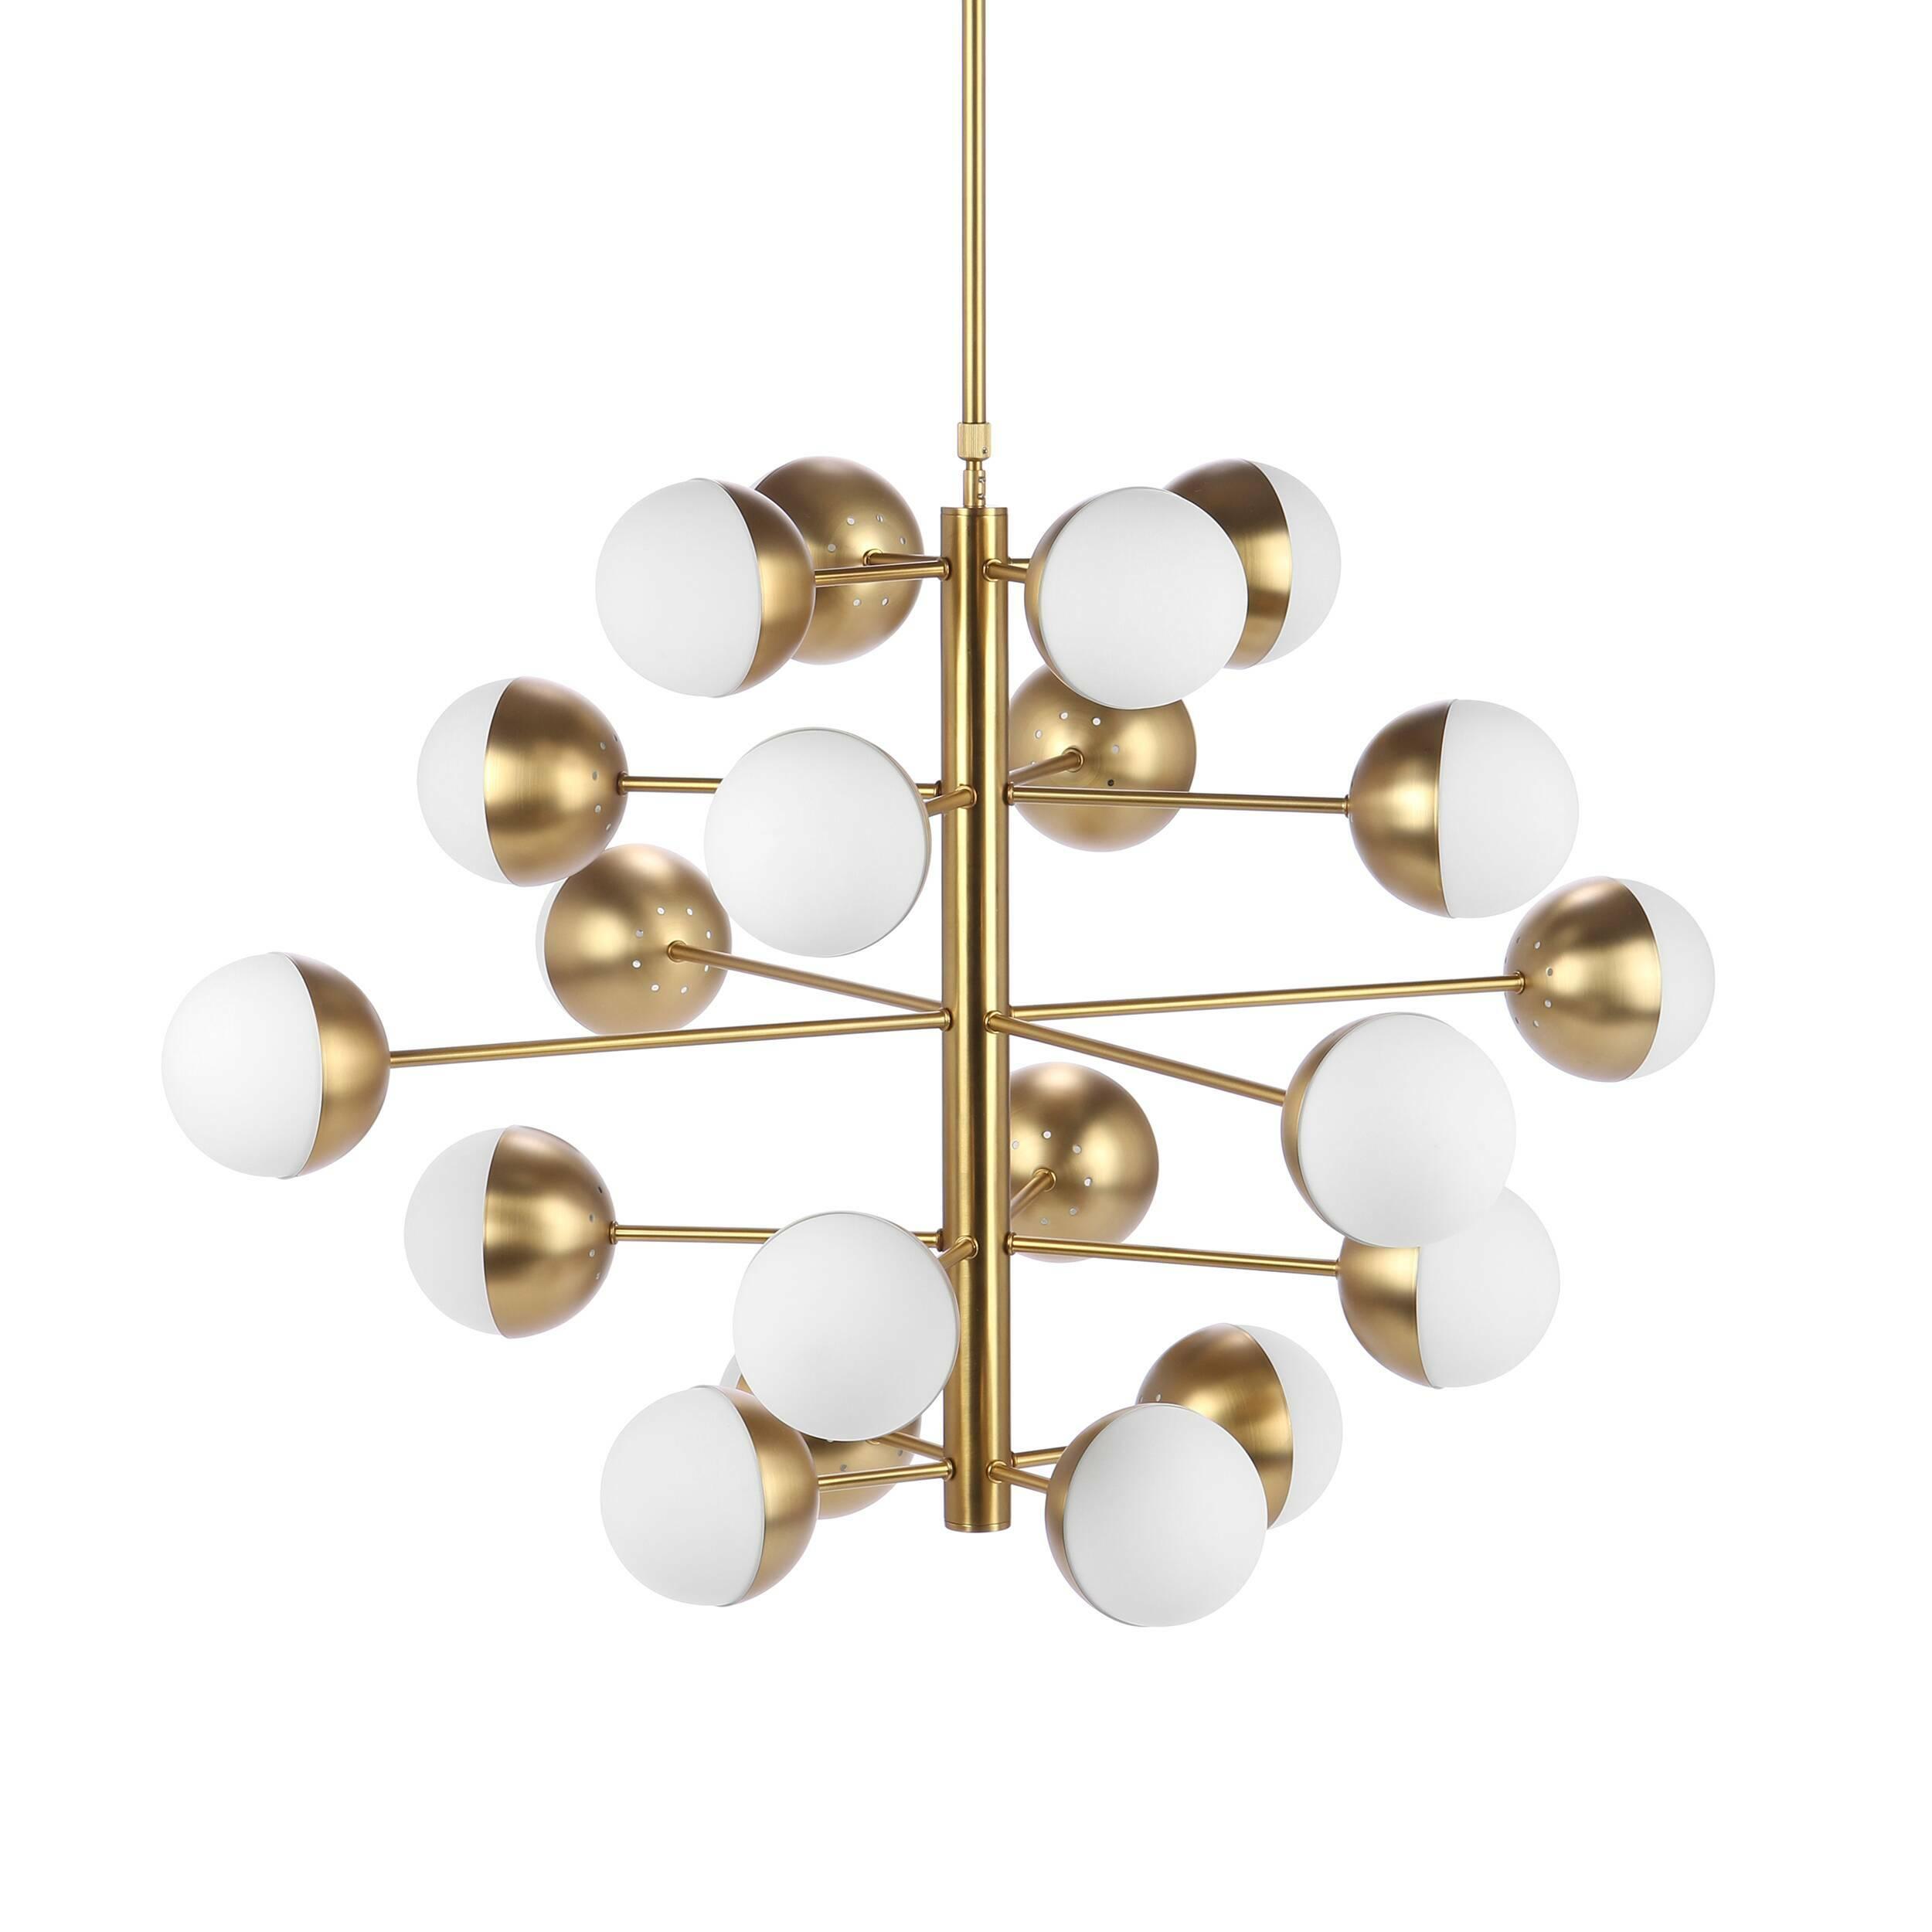 Потолочный светильник Italian Globe 20 лампПотолочные<br>Потолочный светильник Italian Globe 20 ламп — один из представителей линии, воссозданной известной дизайнерской американской фирмой Stilnovo. Эти светильники появились в шестидесятых годах XX столетия в Италии, во время расцвета стиля модерн. Как и все творения этой эпохи, потолочный светильник Italian Globe 20 ламп лаконичен и функционален. Он характеризуется простотой линий и геометричностью форм. Двадцать асимметрично расположенных плафонов сумеют ярко осветить даже самую большую комнат...<br><br>stock: 10<br>Высота: 93<br>Диаметр: 110<br>Длина провода: 135-175<br>Количество ламп: 20<br>Материал абажура: Стекло<br>Материал арматуры: Сталь<br>Мощность лампы: 40<br>Ламп в комплекте: Нет<br>Напряжение: 220-240<br>Тип лампы/цоколь: E14<br>Цвет абажура: Белый матовый<br>Цвет арматуры: Латунь<br>Цвет провода: Черный